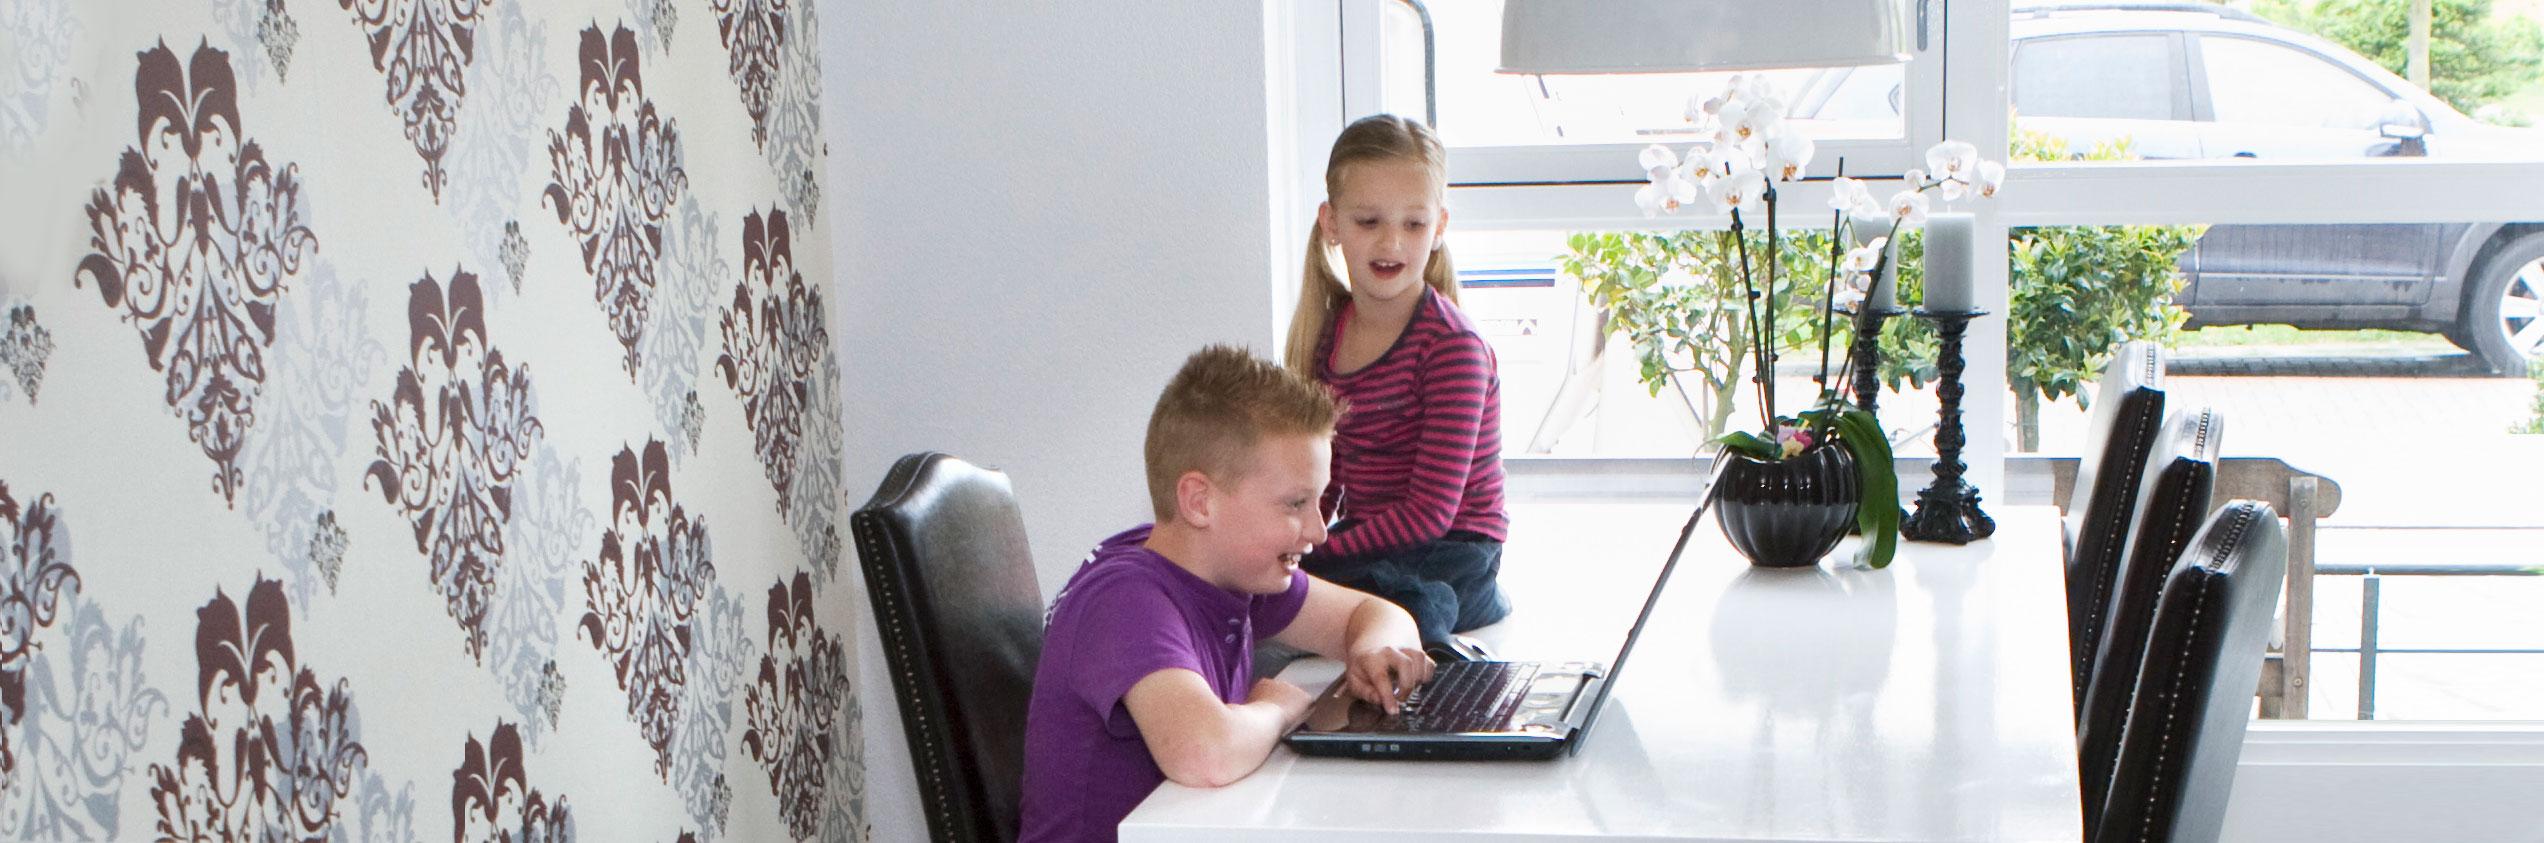 broer en zus kijken naar kind achter laptop